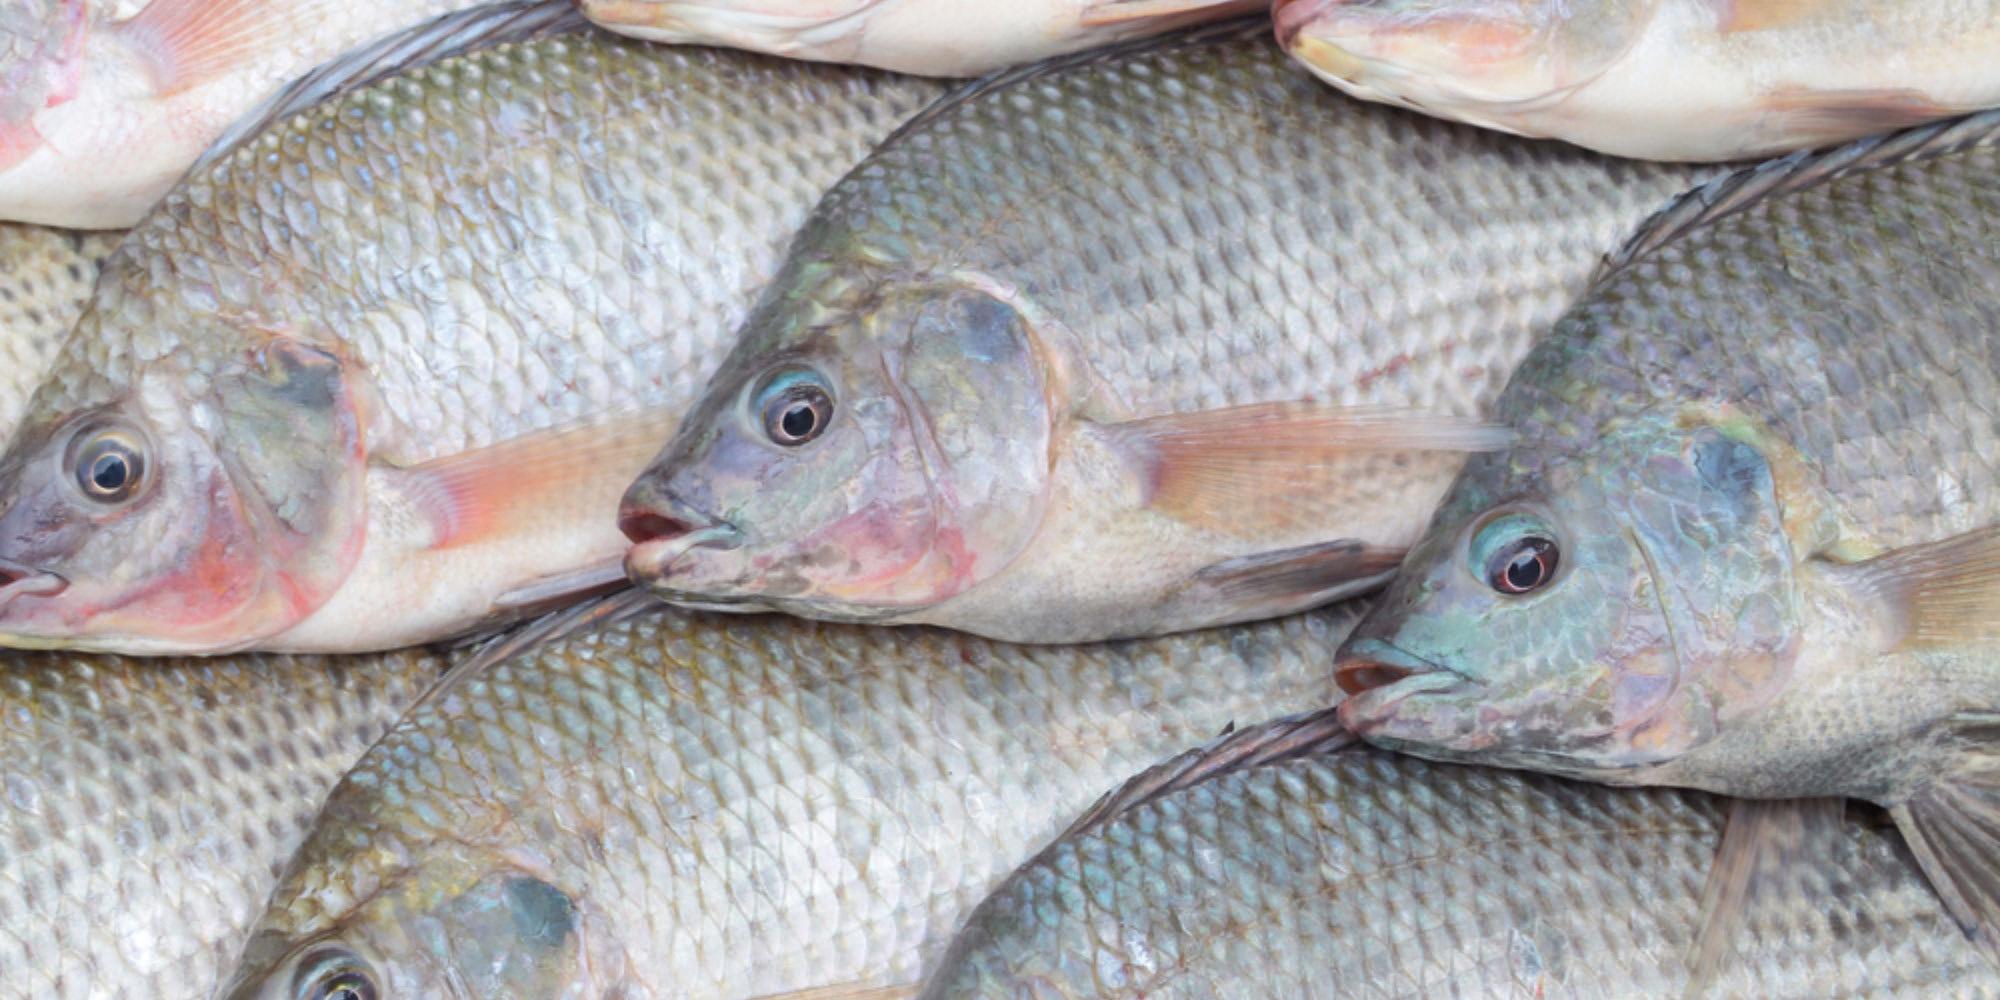 عدم صحت ممنوعیت واردات ماهی تیلاپیا